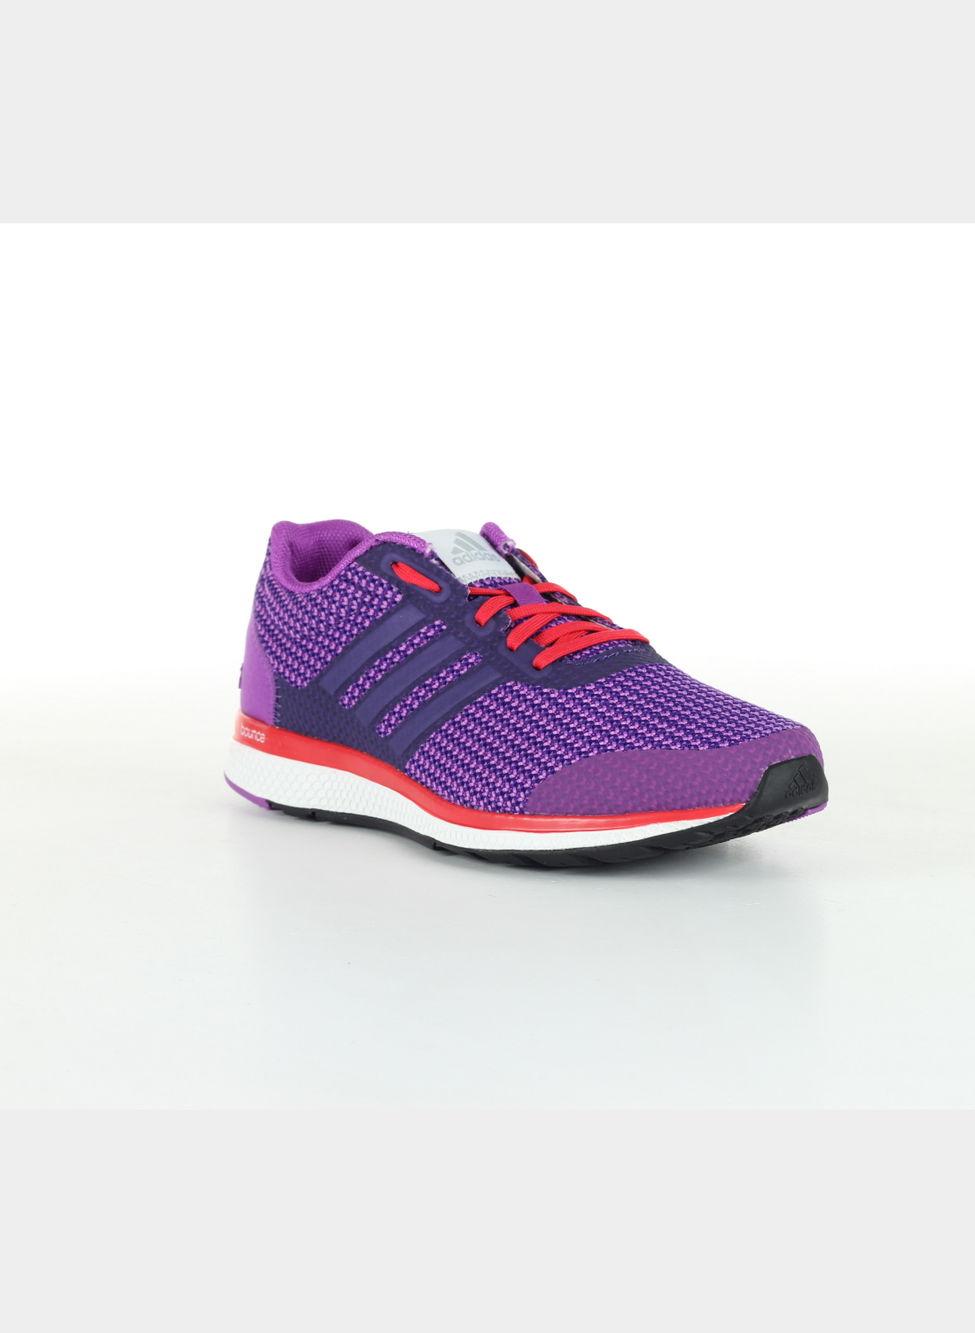 Spinn Bounce Running Shoes